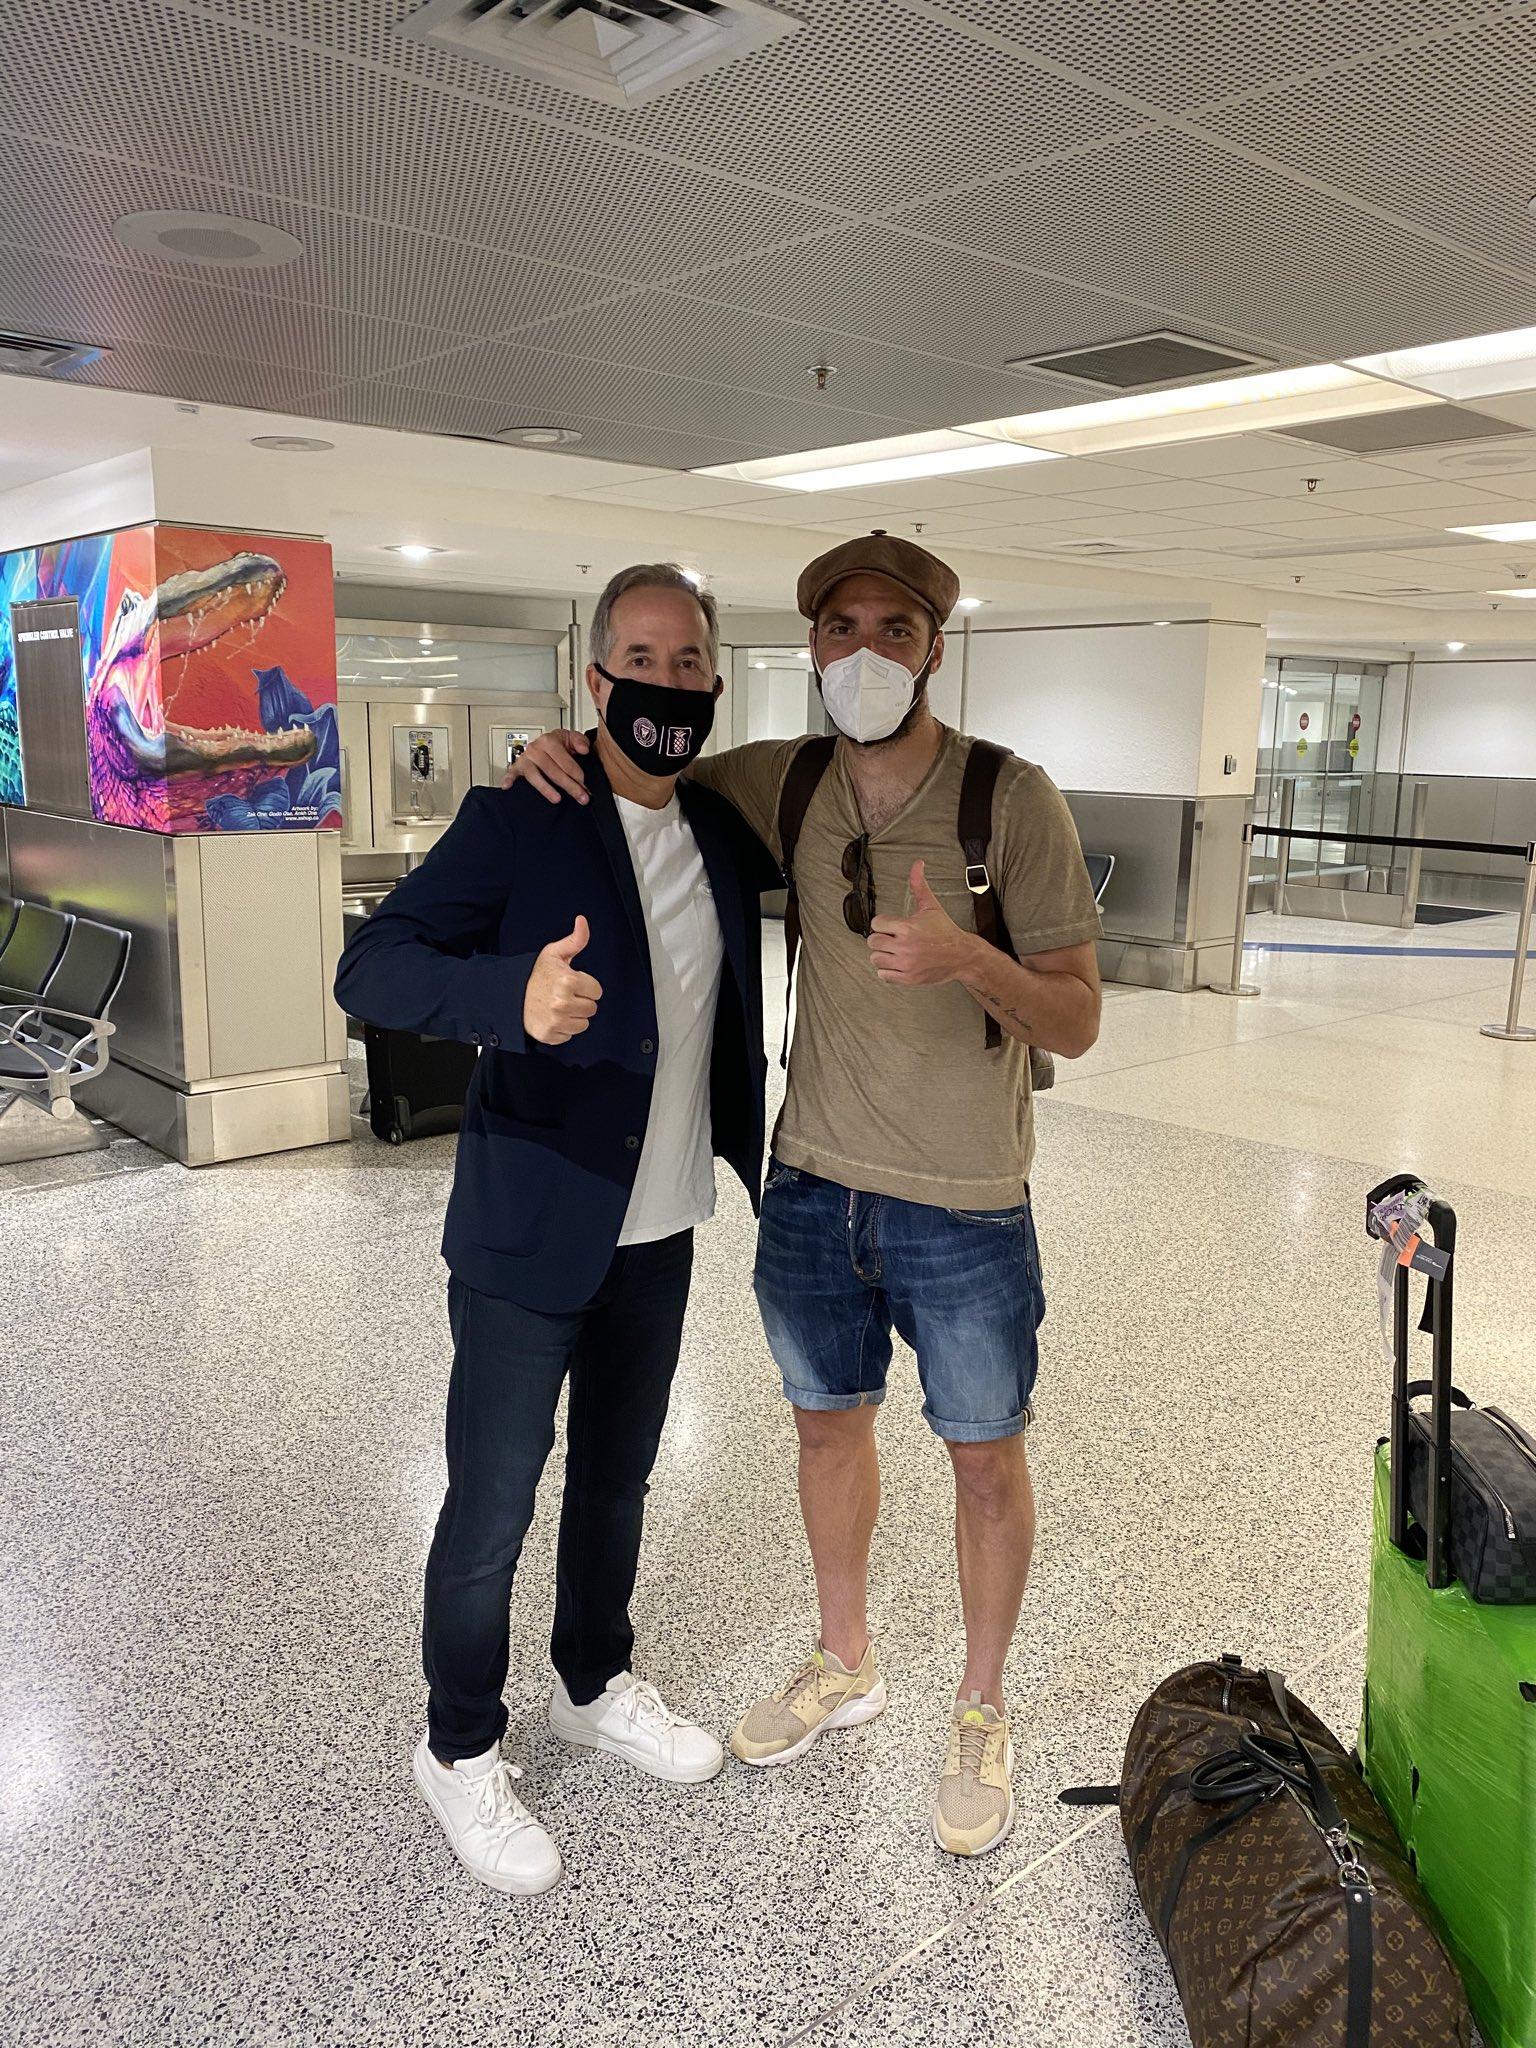 伊瓜因抵达美国,迈阿密国际老板亲自前往机场迎接 第1张